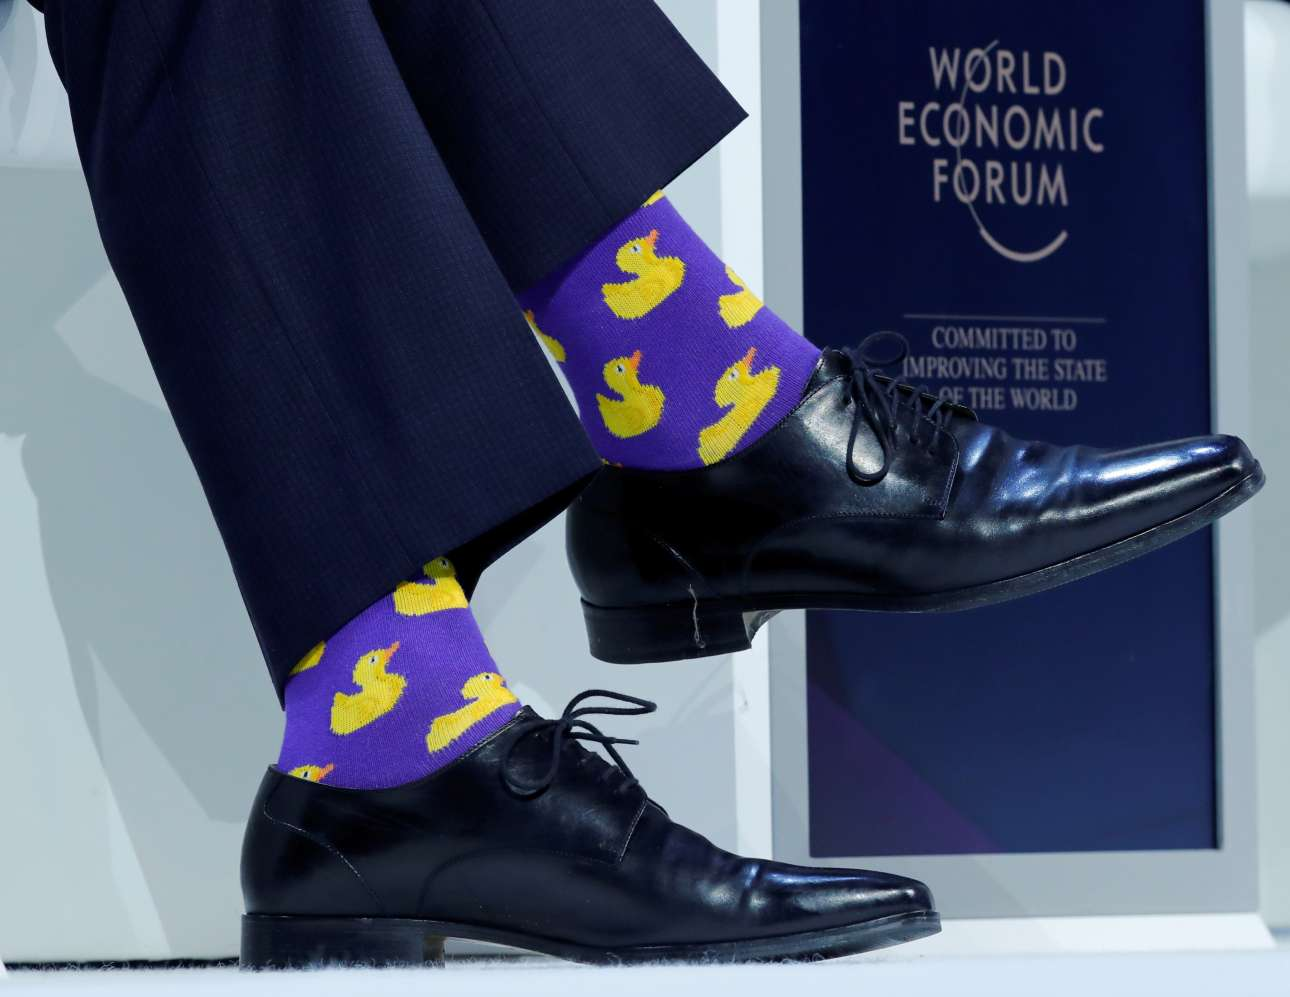 Πέμπτη, 25 Ιανουαρίου, Νταβός. Στο Παγκόσμιο Οικονομικό Φόρουμ ο Τζάστιν Τριντό αποφάσισε να φορέσει κάλτσες με… παπάκια και όπως είναι λογικό τα φώτα στράφηκαν στα πόδια του